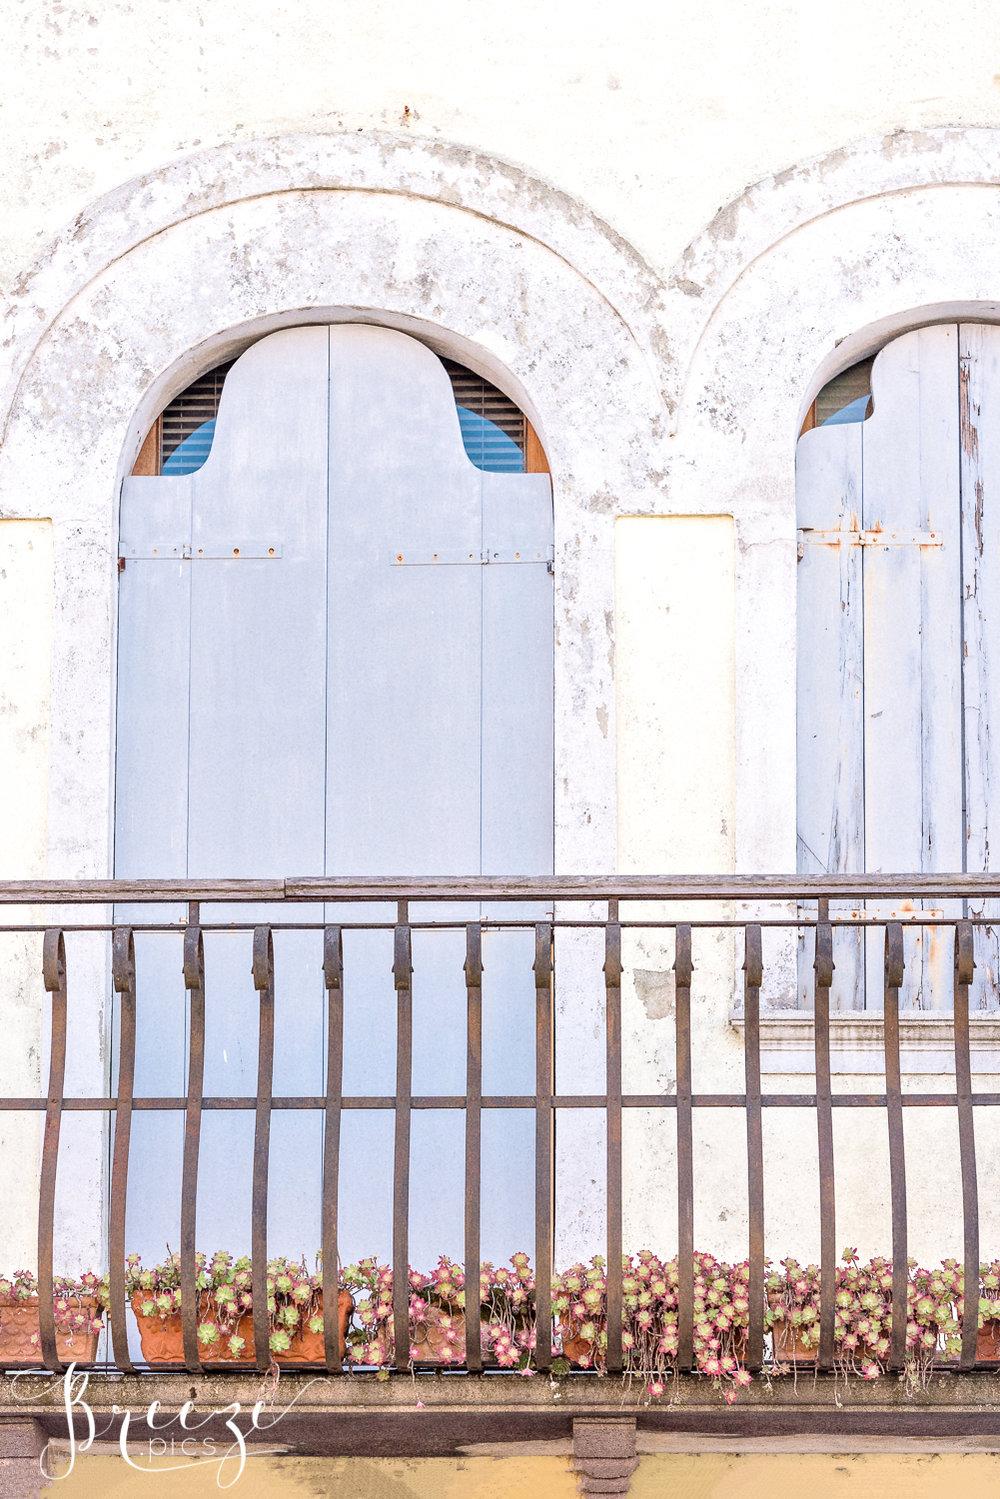 Burano_Balcony-Ed.jpg